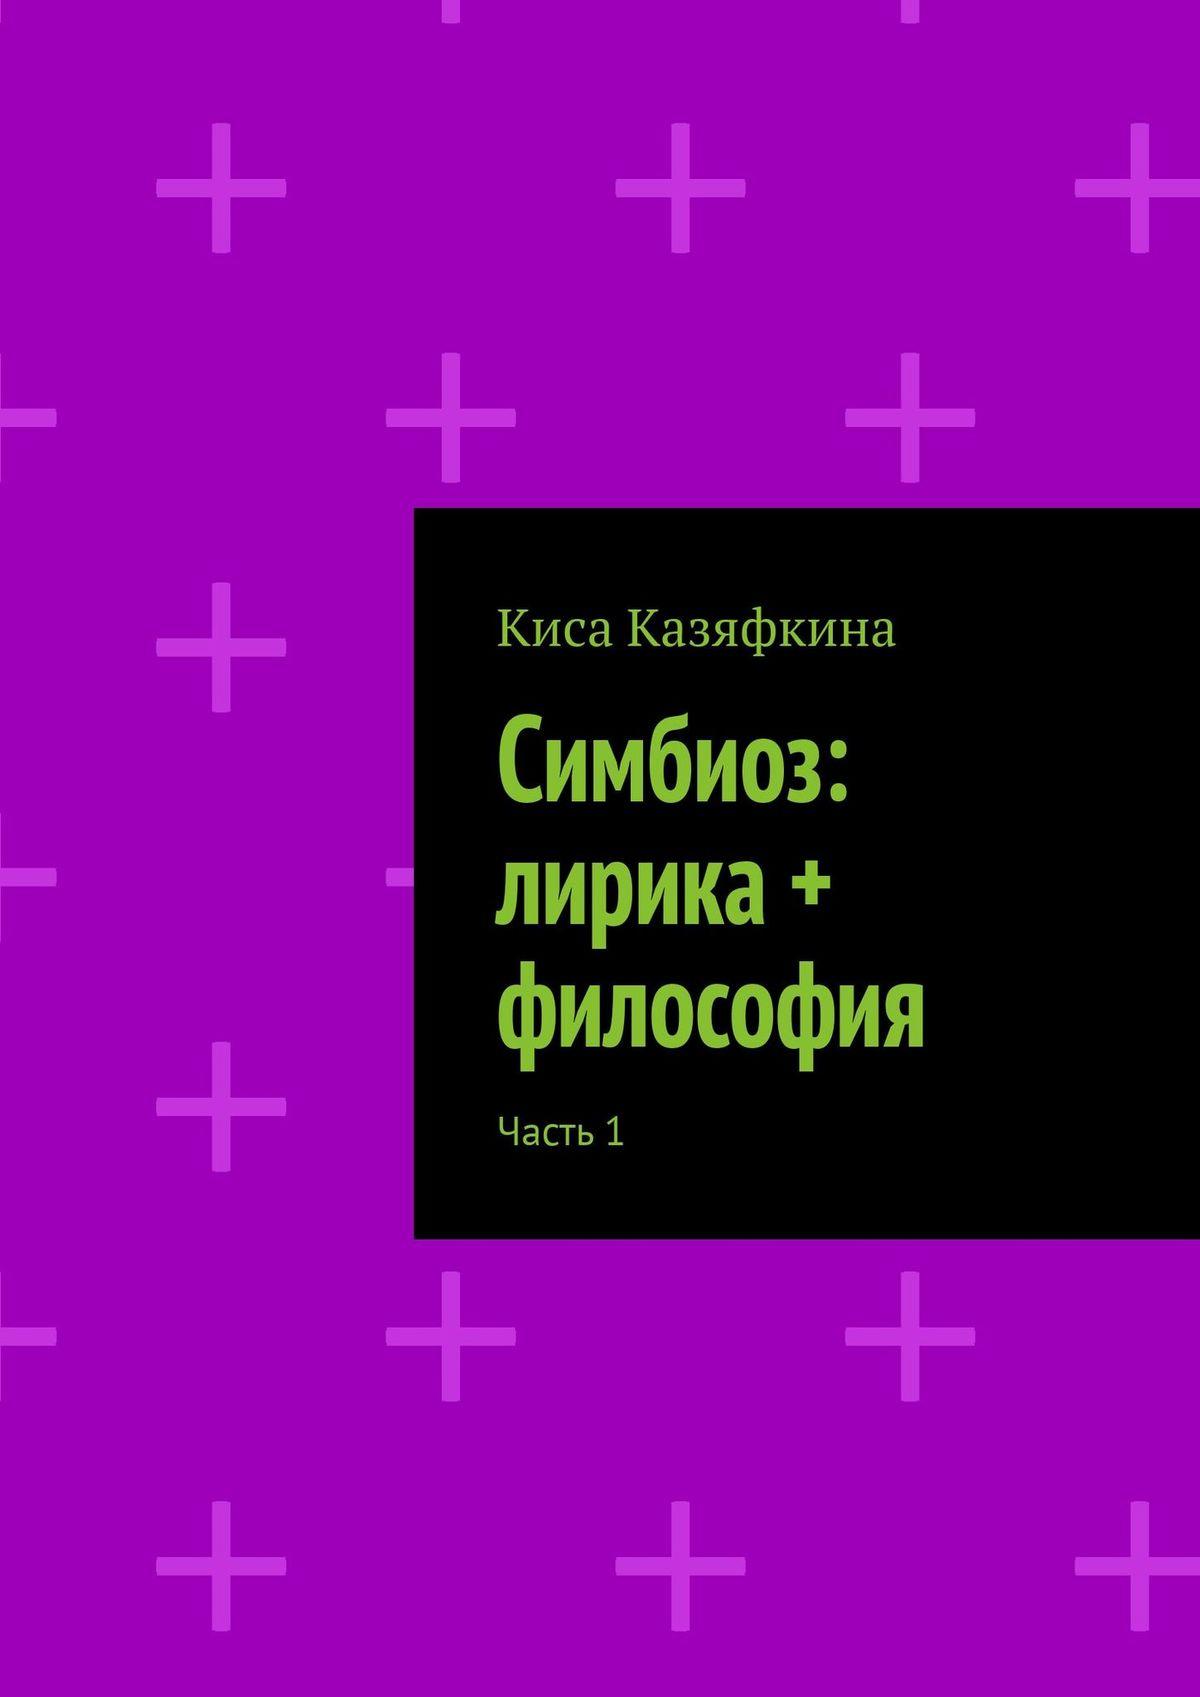 Киса Казяфкина Симбиоз: лирика + философия. Часть1 борис свердлин киса